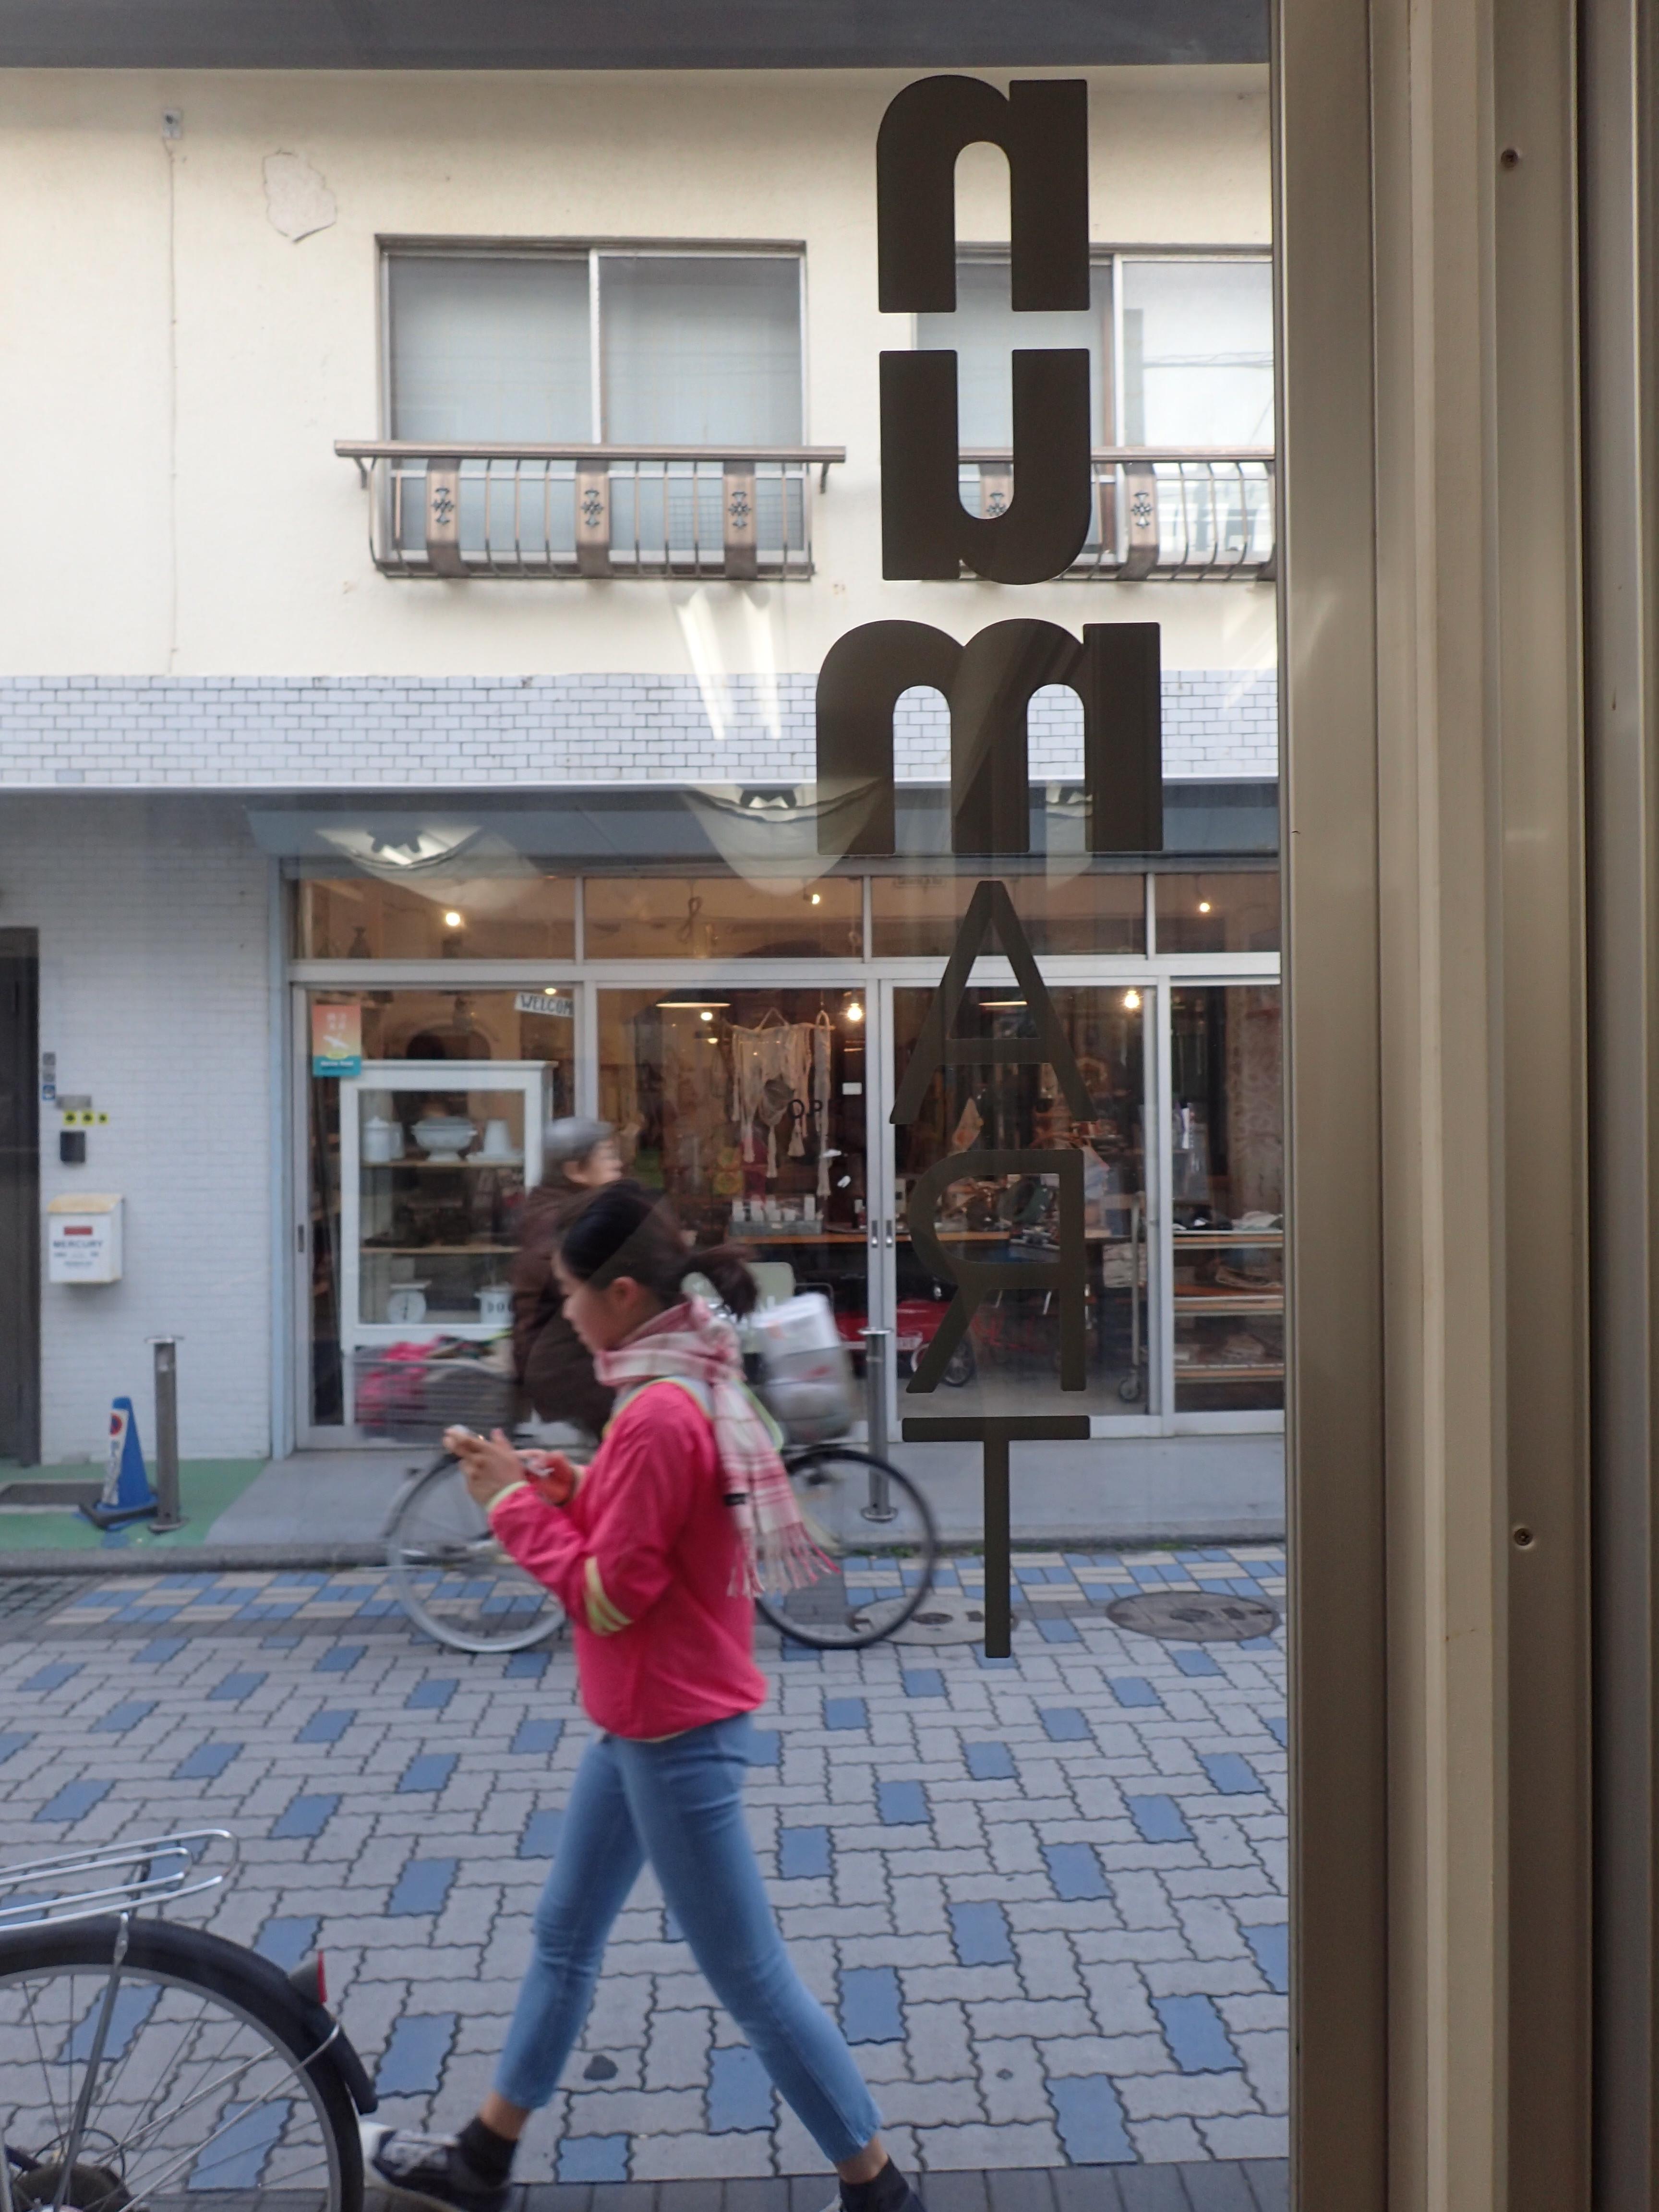 鵠沼海岸駅前のアートスペース『numART』で写真展をみてきました